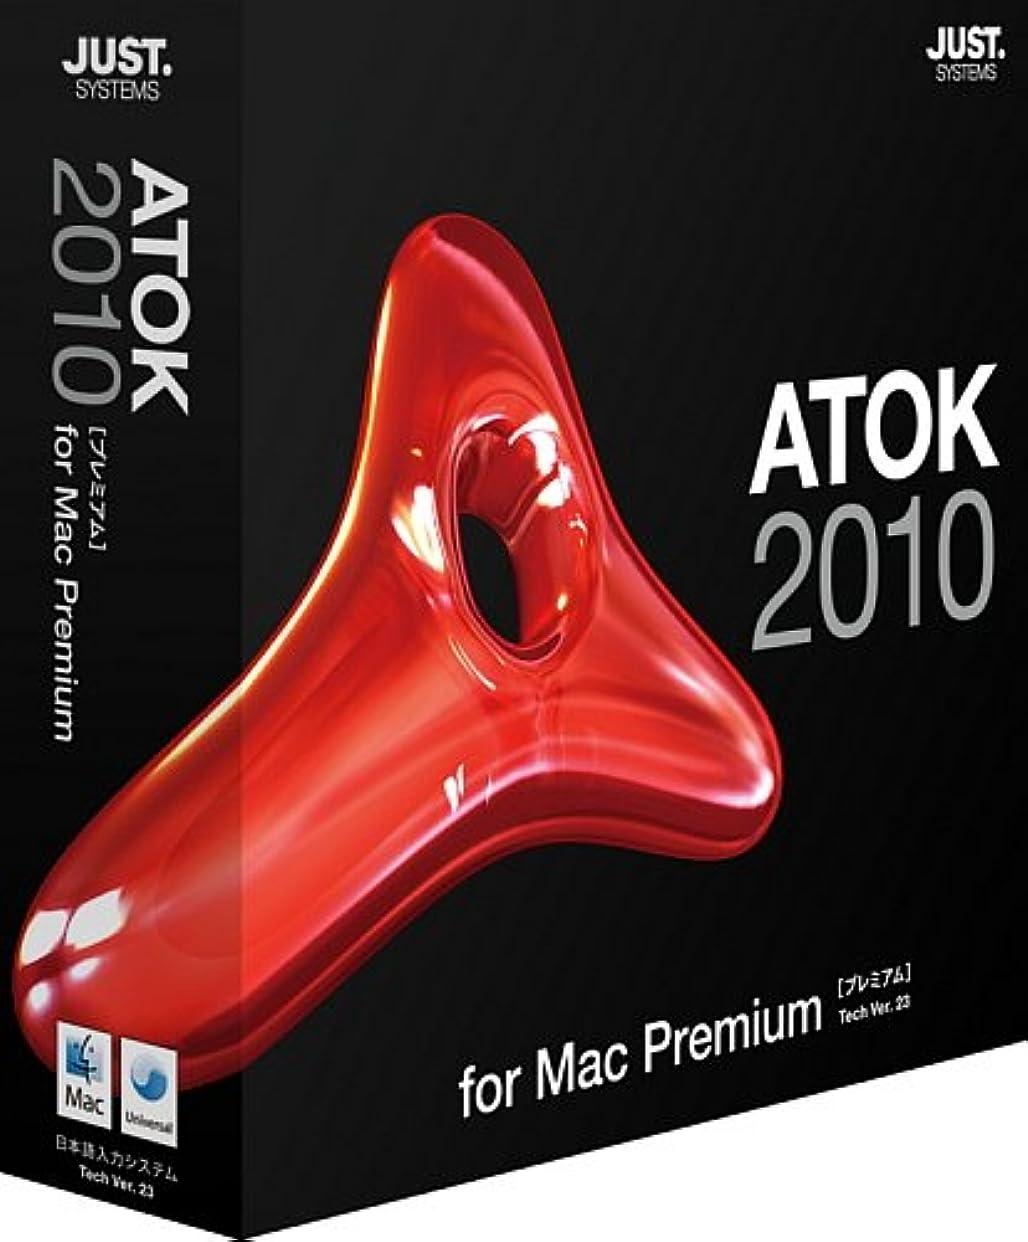 受信機スーパー生きるATOK 2010 for Mac [プレミアム] 通常版